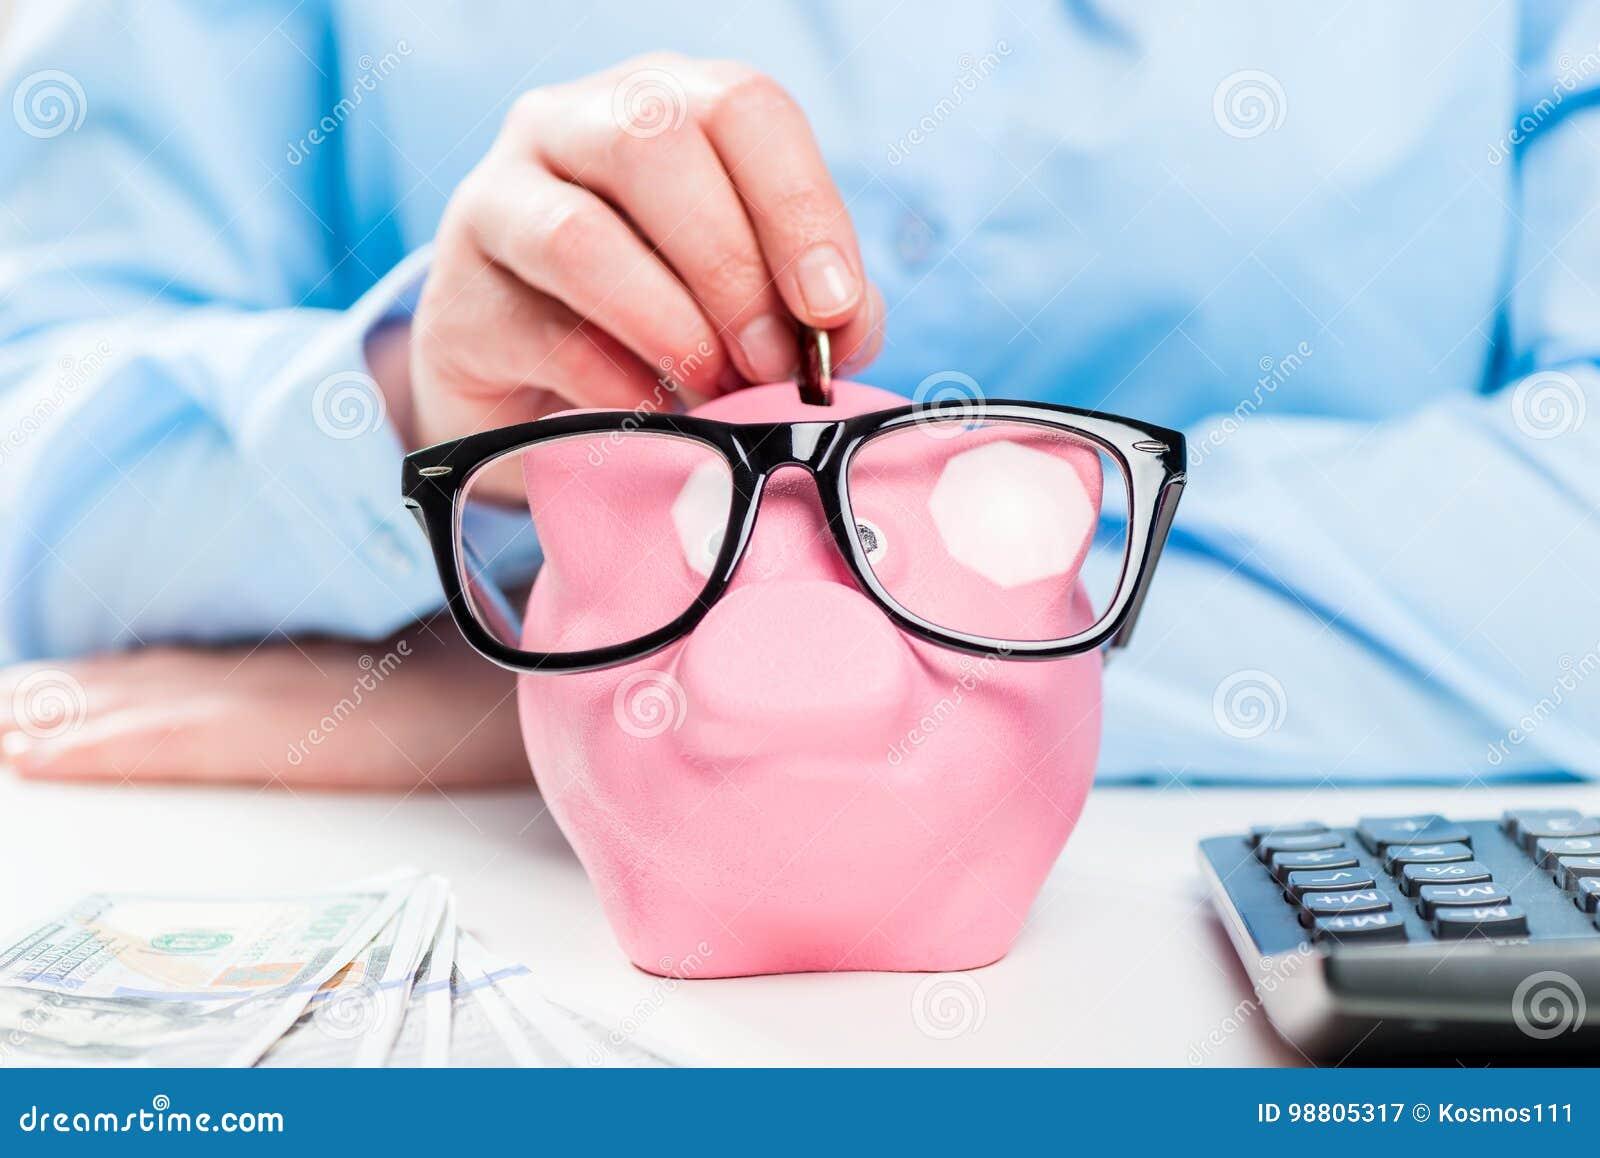 Накопление денег легко!